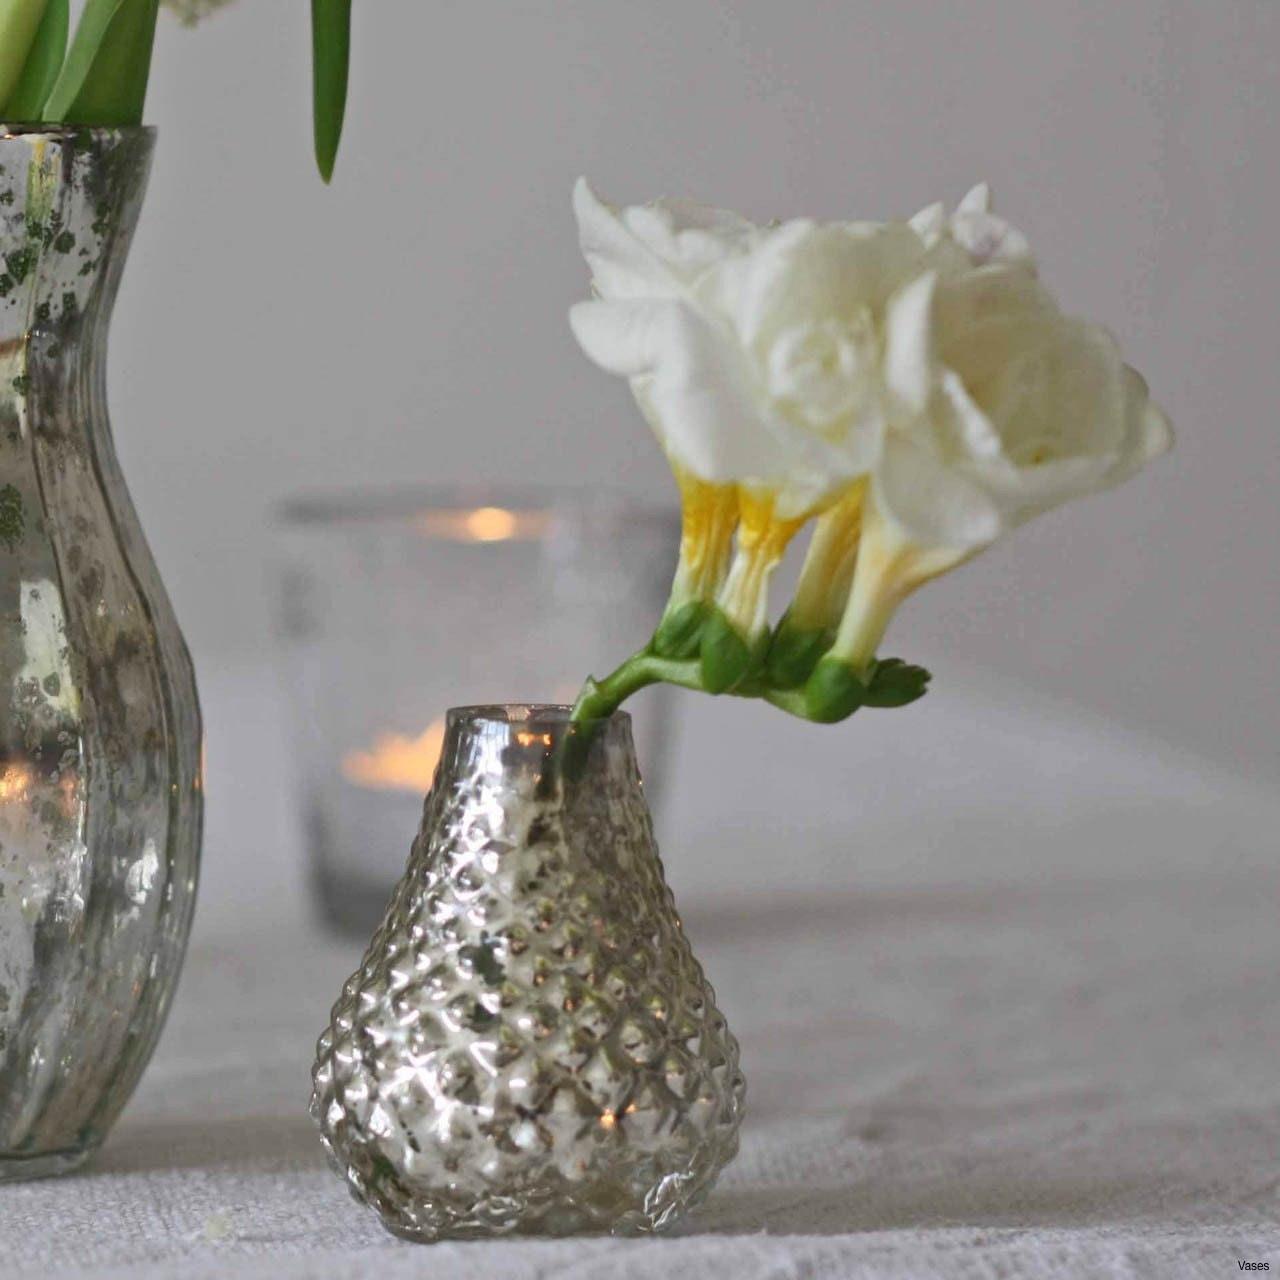 metal floral vases of diy yard decor beautiful jar flower 1h vases bud wedding vase throughout diy yard decor beautiful jar flower 1h vases bud wedding vase centerpiece idea i 0d design